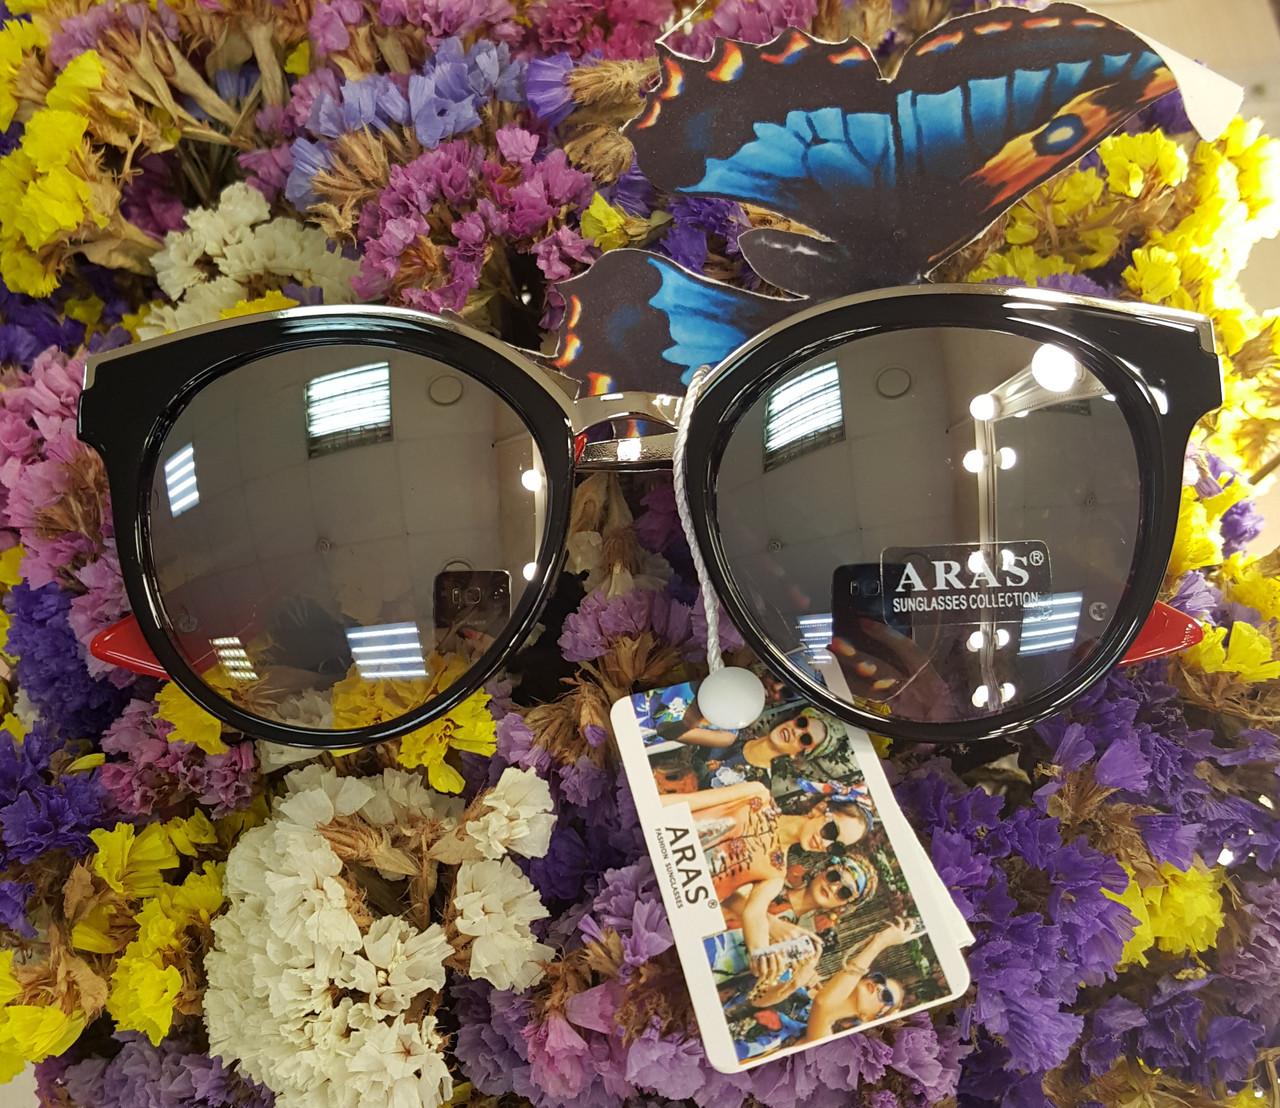 daefd2a81e47 Модные солнцезащитные очки зеркальные - OnlyBest - лучшее только для Вас в  Виннице